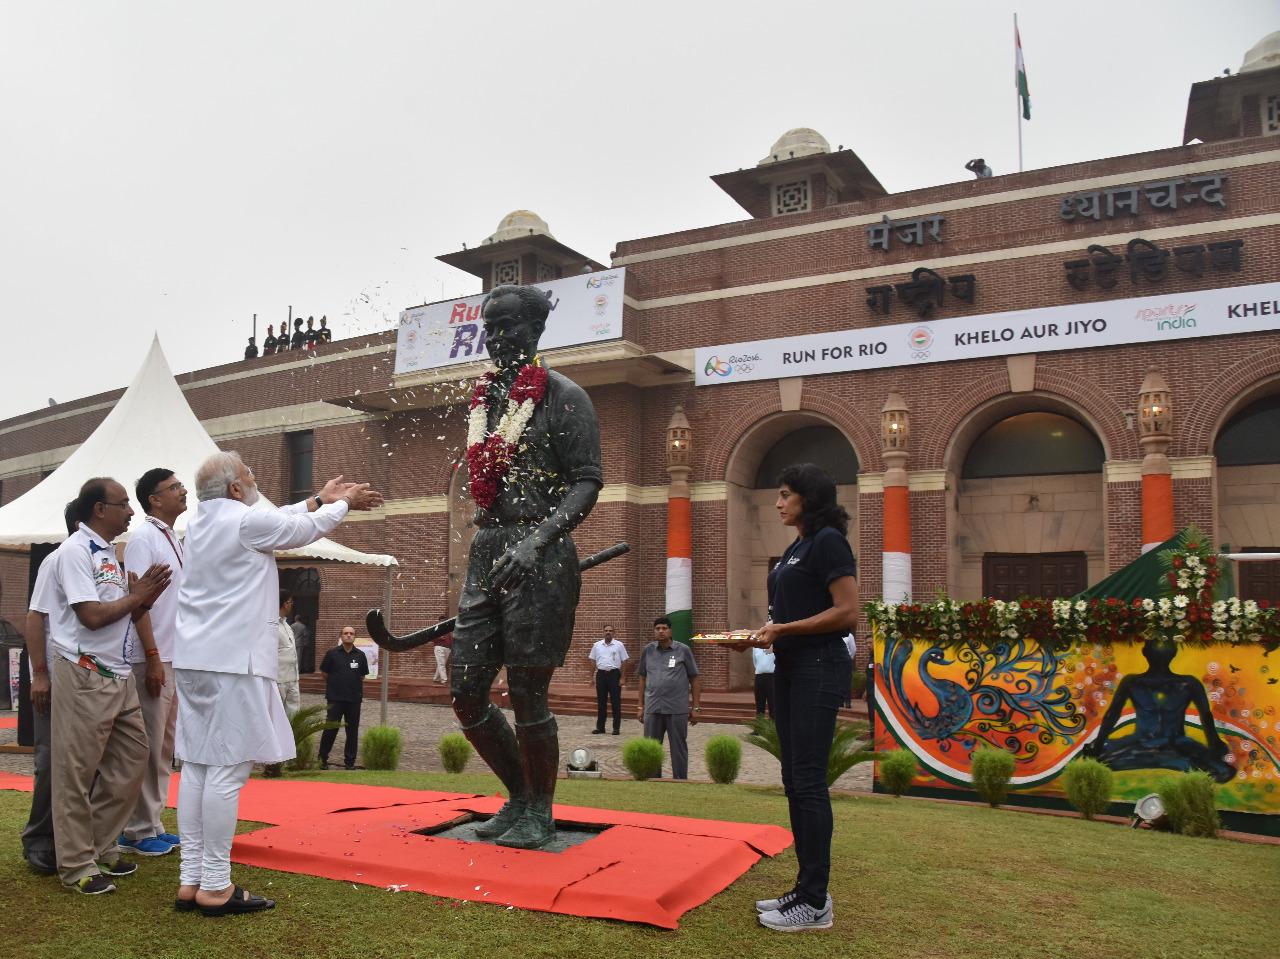 دہلی کے دھیان چند نیشنل اسٹیڈیم میں ان کے مجسمہ پرگلہائے عقیدت پیش کرتے وزیر اعظم نریندر مودی۔ (فائل فوٹو بہ شکریہ: ٹوئٹر)